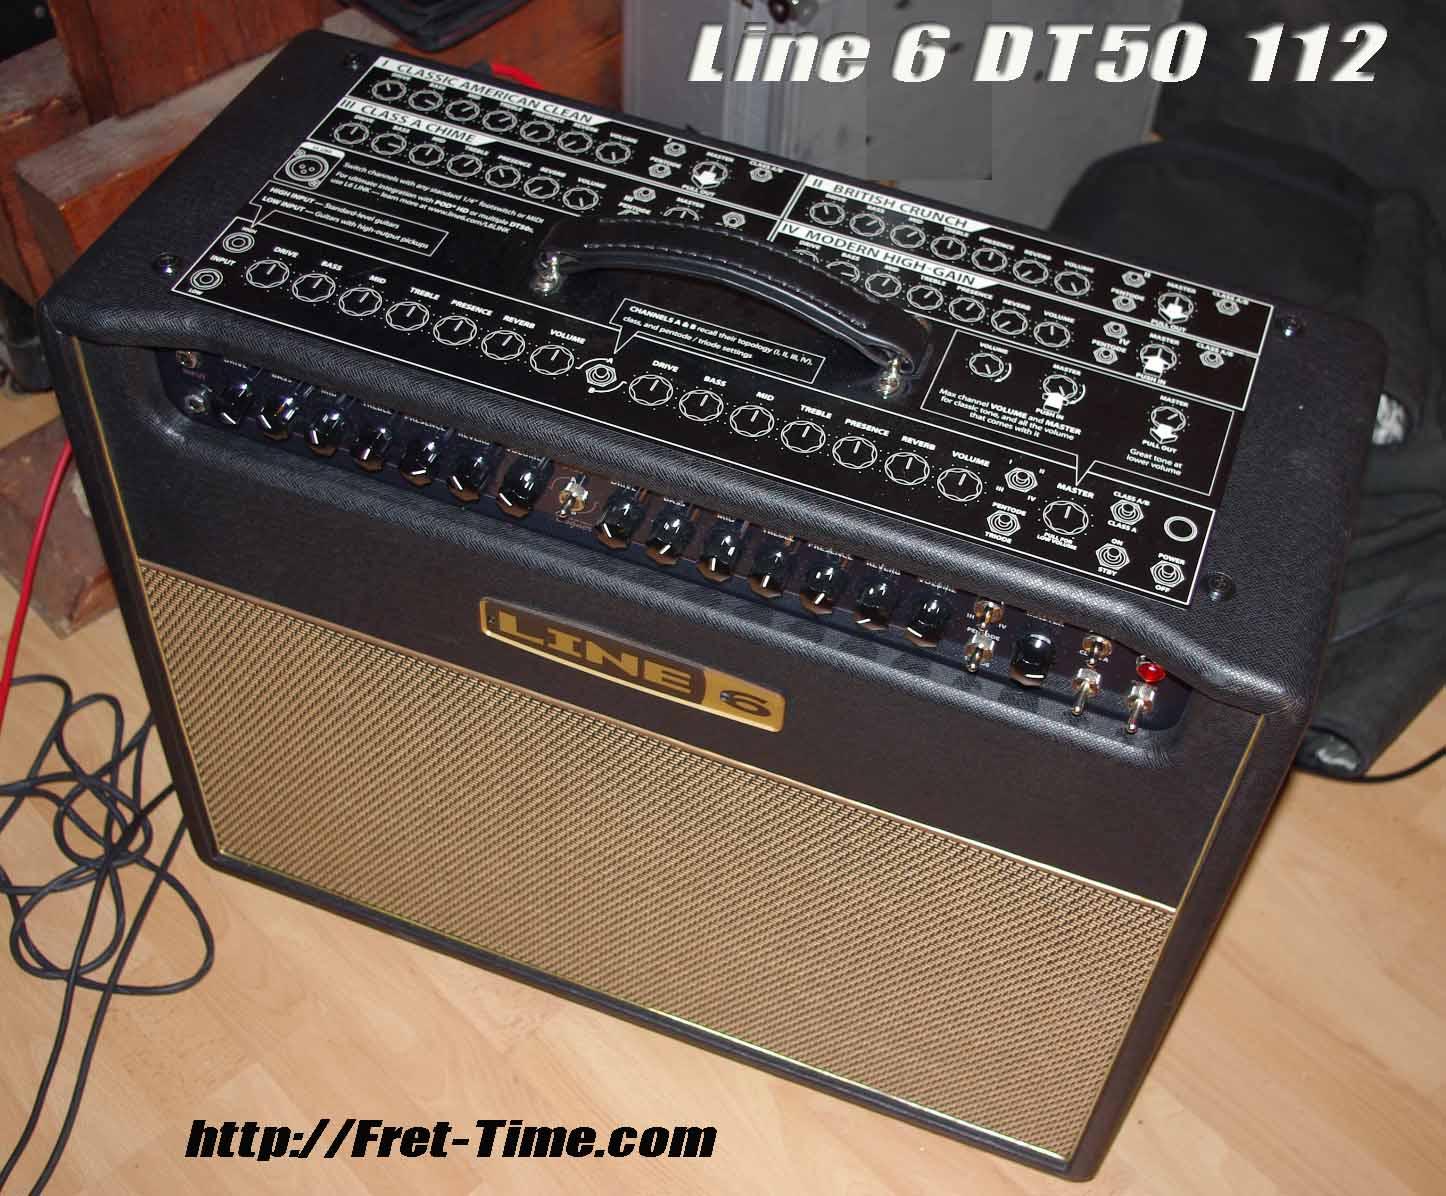 line 6 dt50 112 image 408454 audiofanzine rh en audiofanzine com Line 6 DT50 Half Stack Line 6 DT50 Head